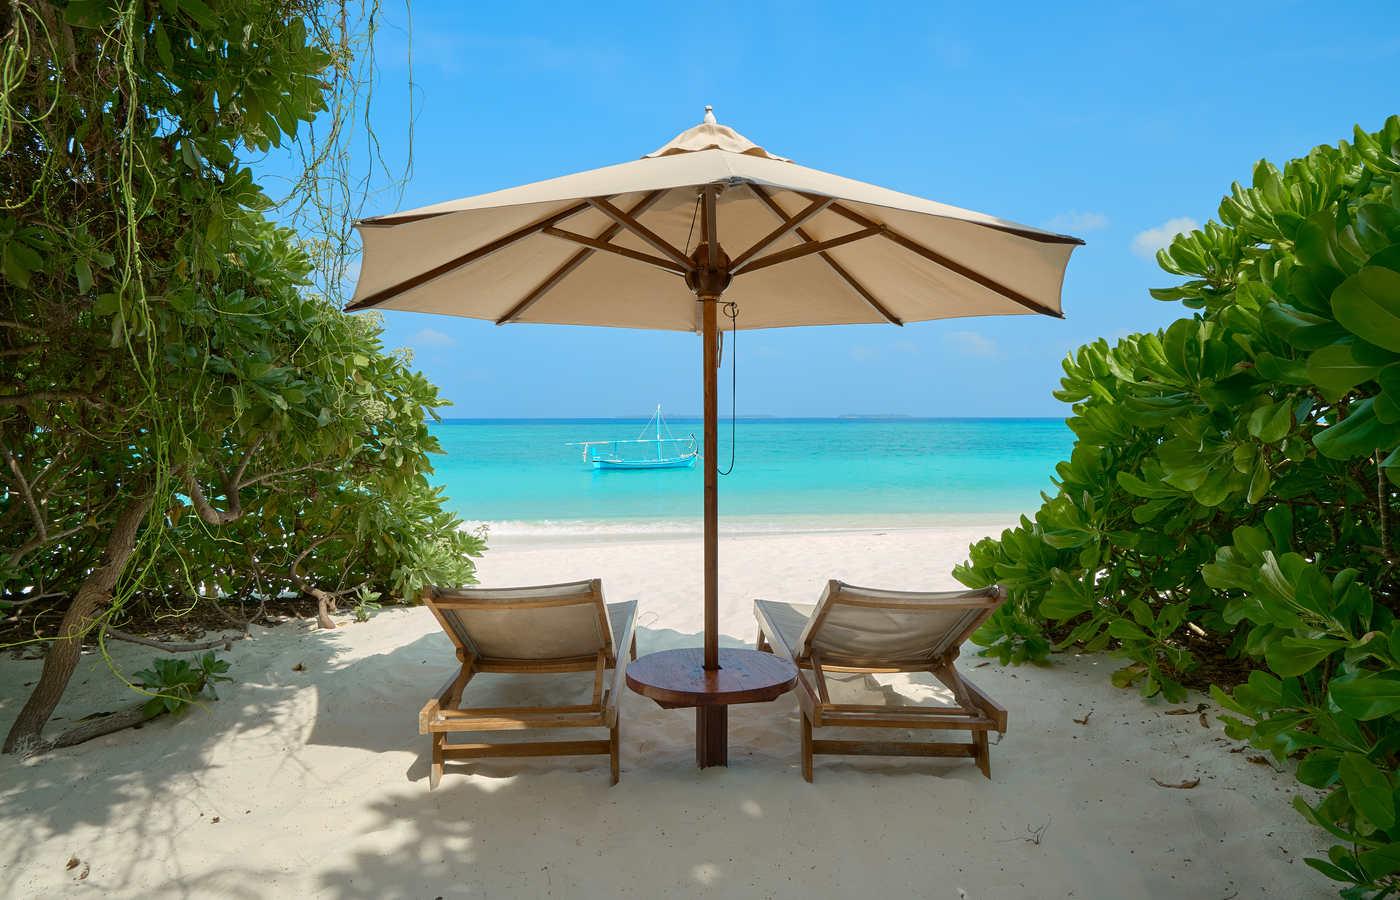 HQ_Maldives_Maldives_BEACH-2.jpg